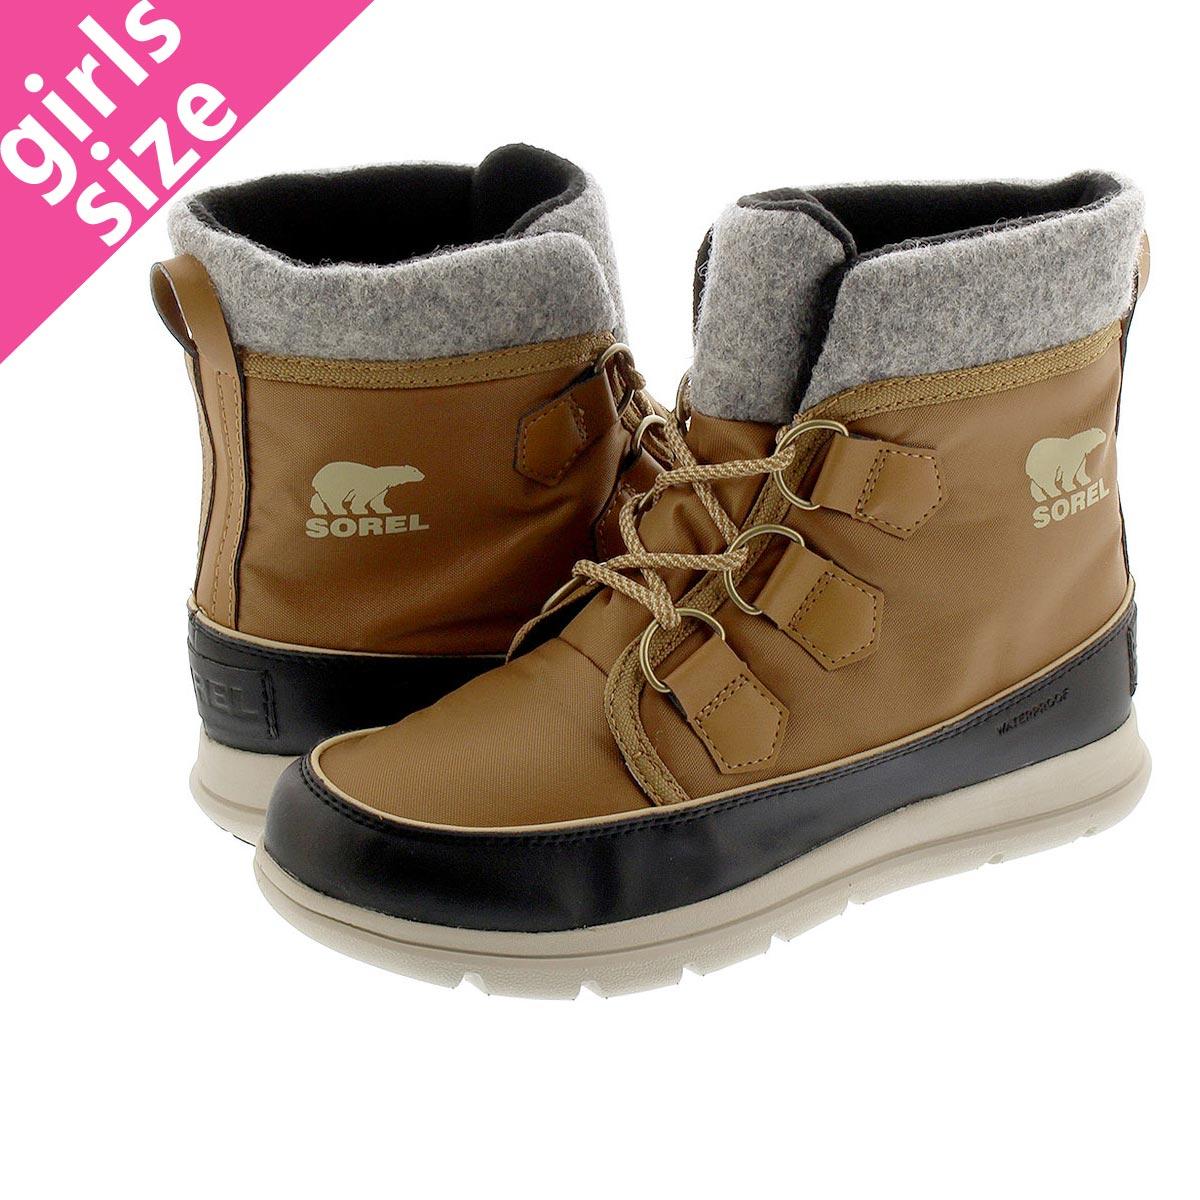 レディース靴, スノーシューズ SOREL EXPLORER CARNIVAL ELK nl3421-286